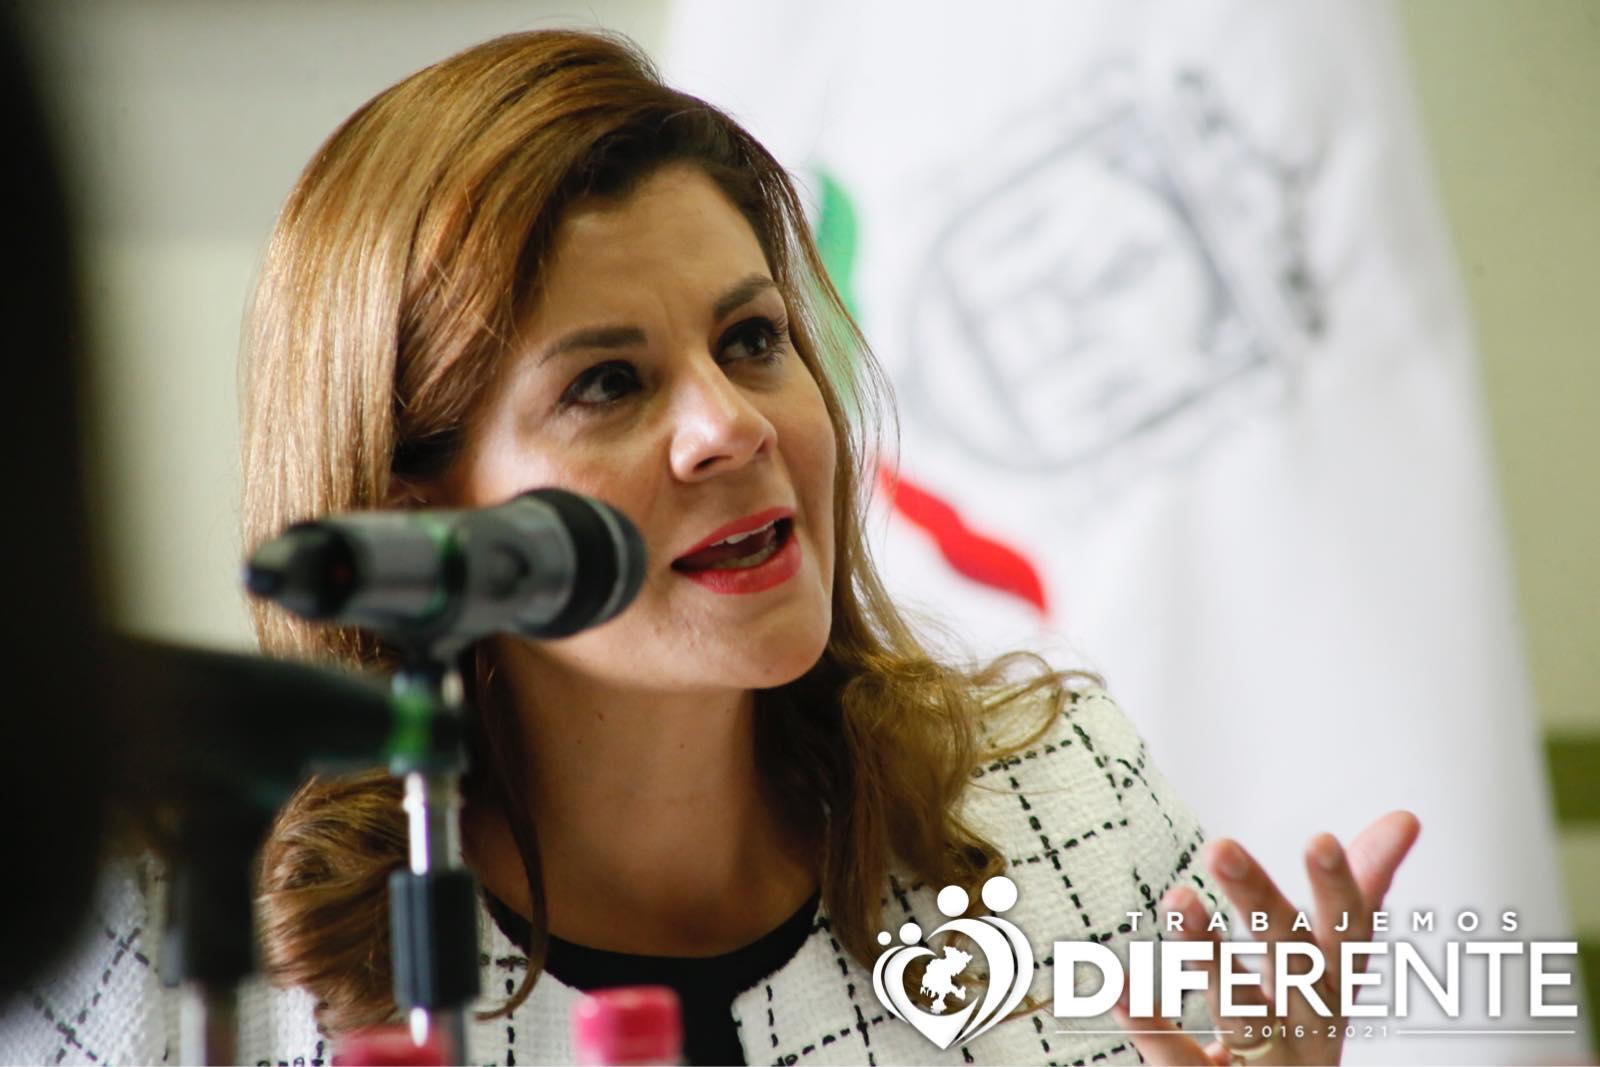 Primera dama de Zacatecas llama sicarios a estudiantes